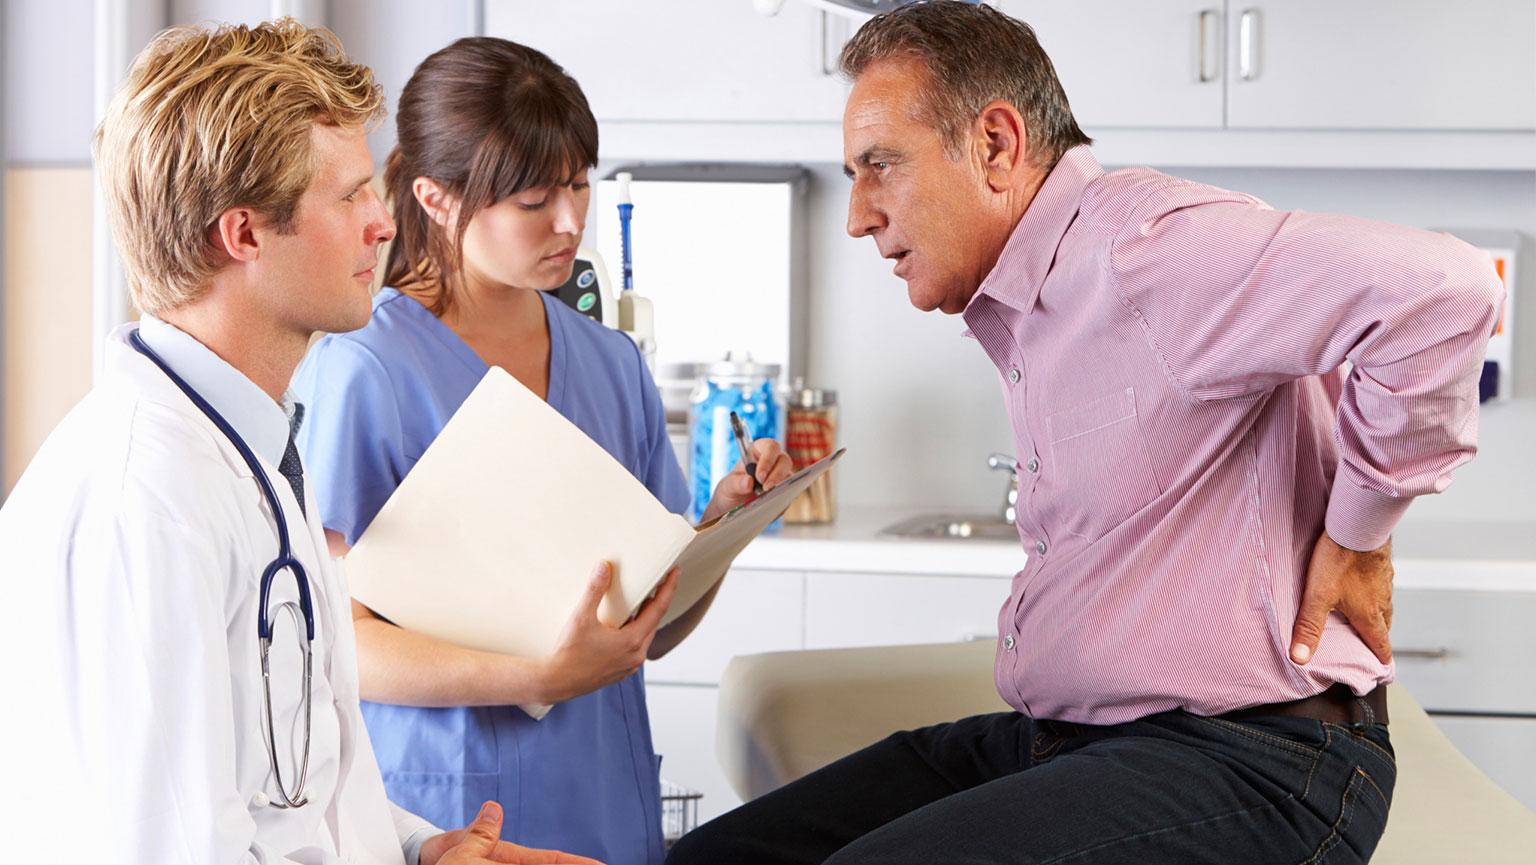 Если сомневаетесь, к какому врачу идти, обратитесь к терапевту